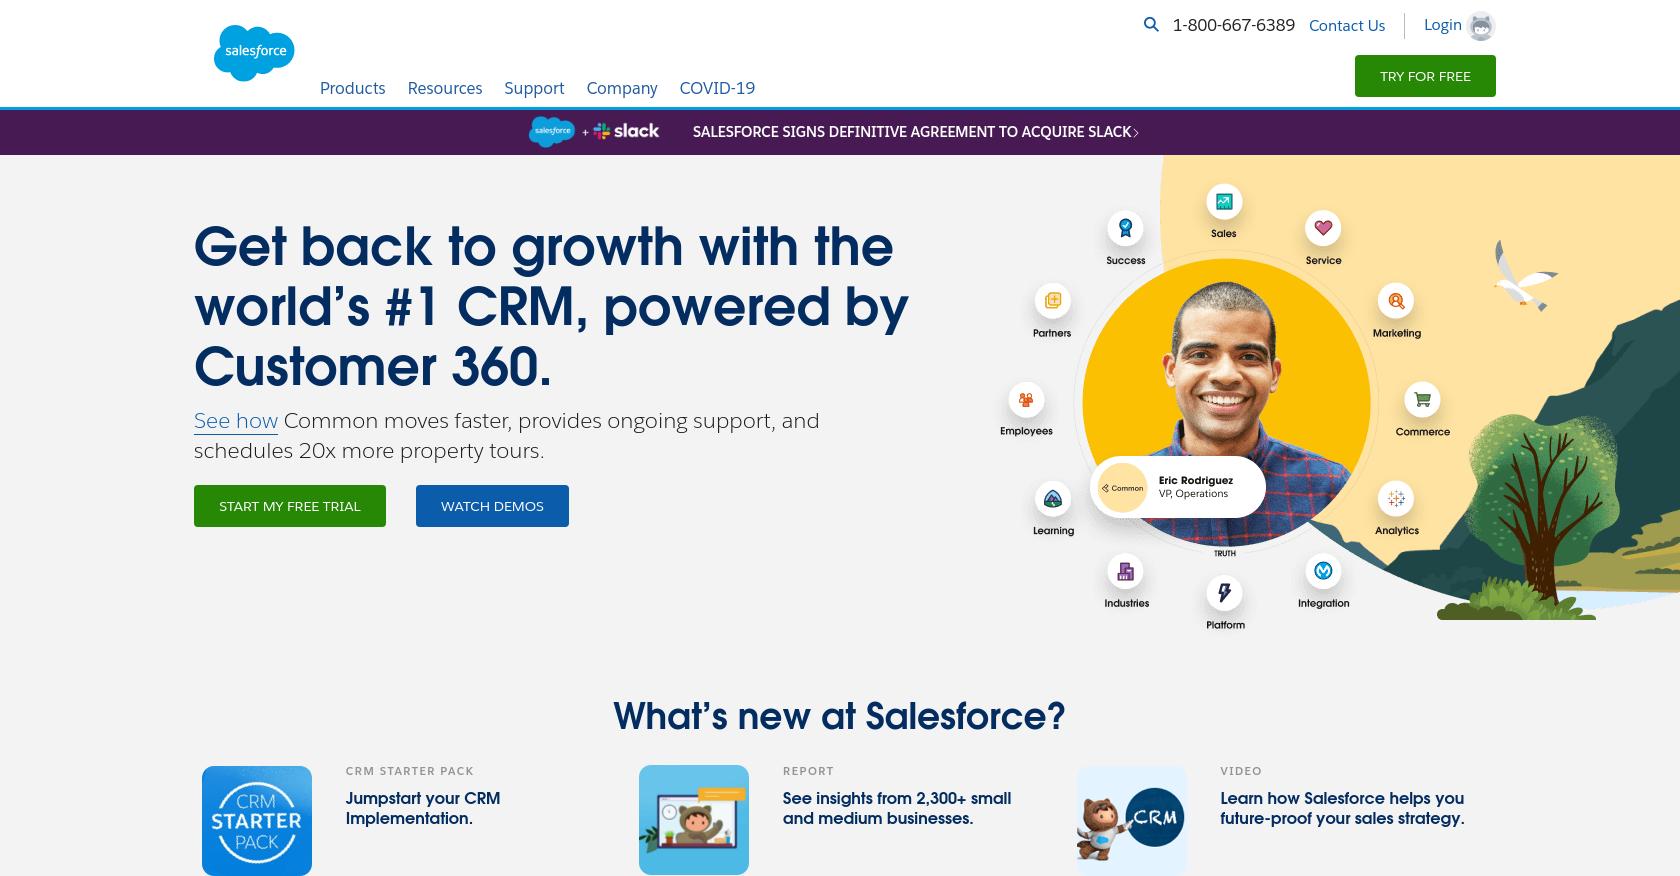 www.salesforce.com